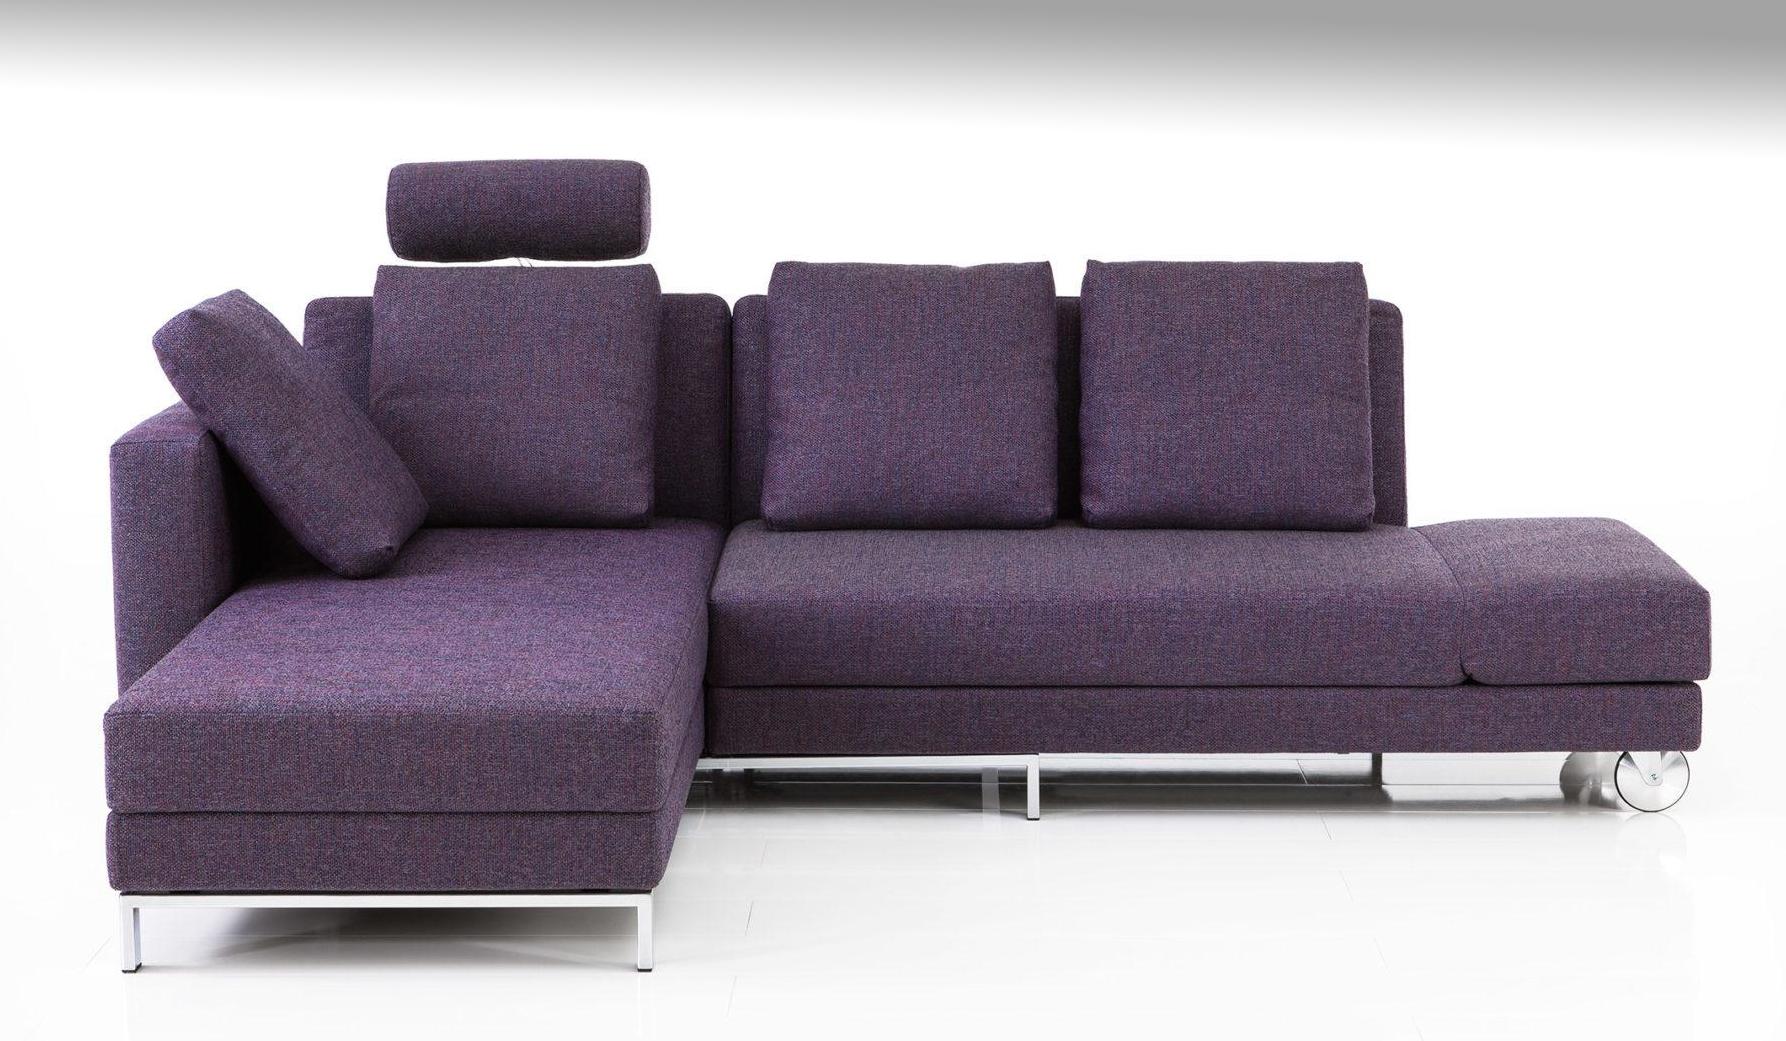 Sofa mit drehbarem Sitzelement